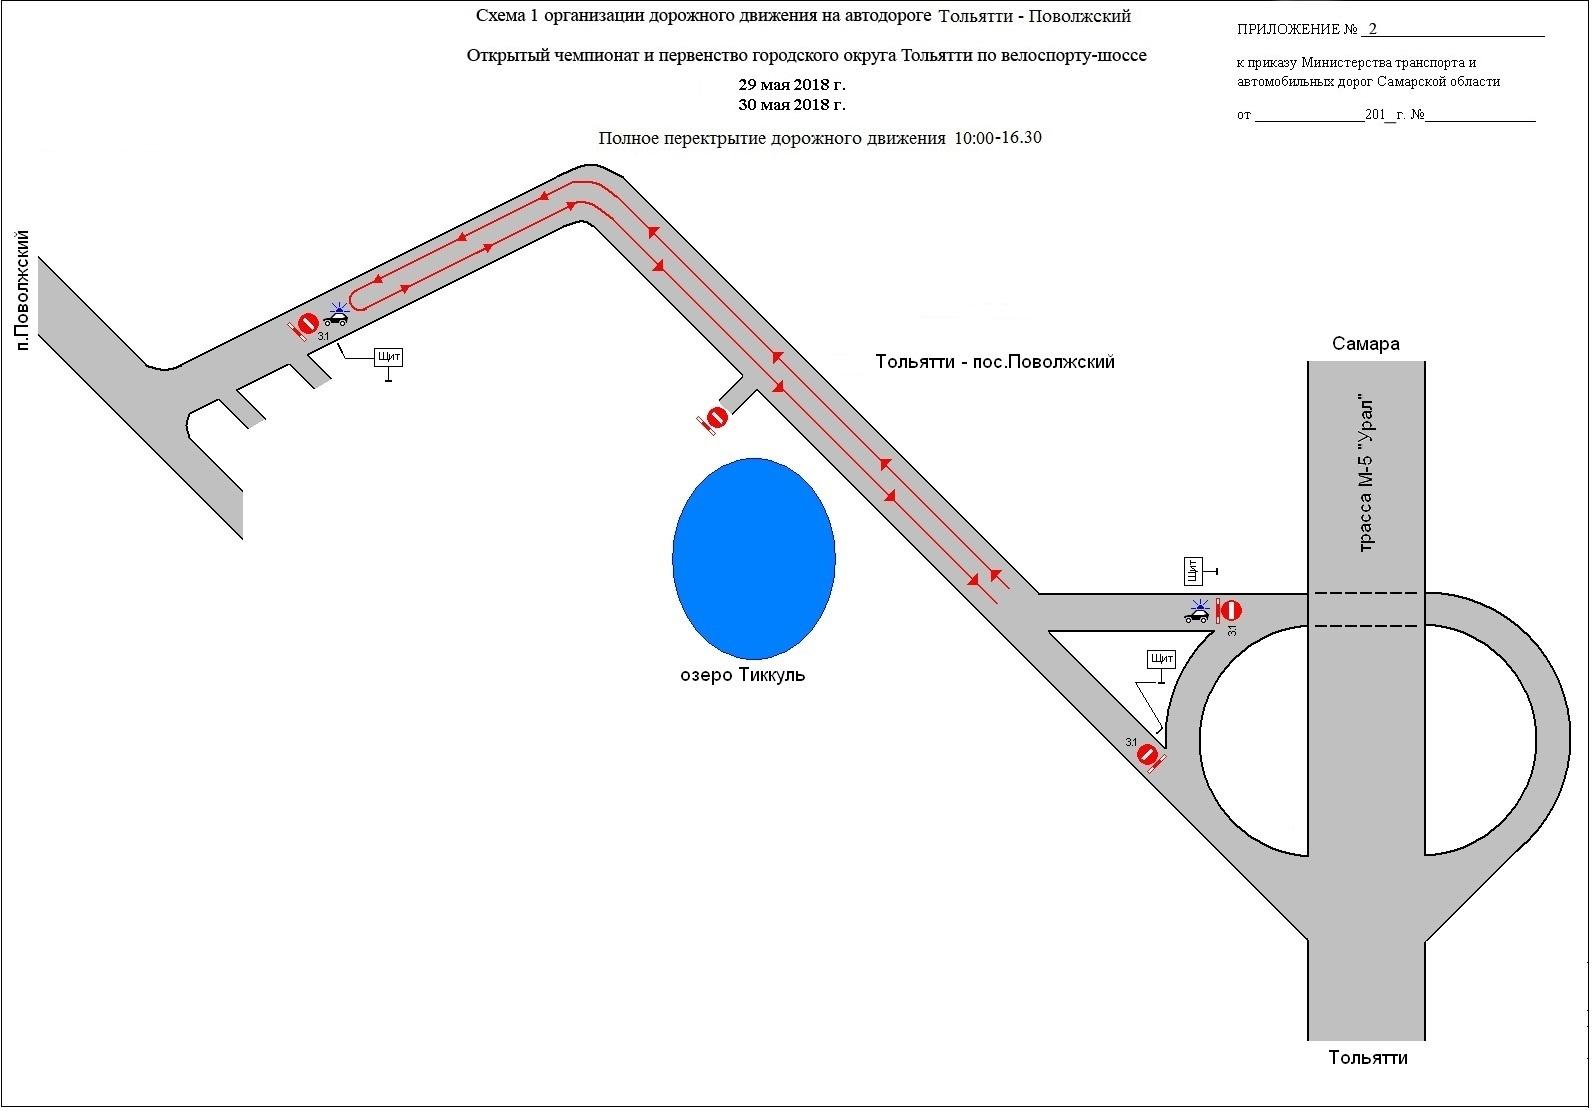 1 Поволжский 29-30.05.2018 !